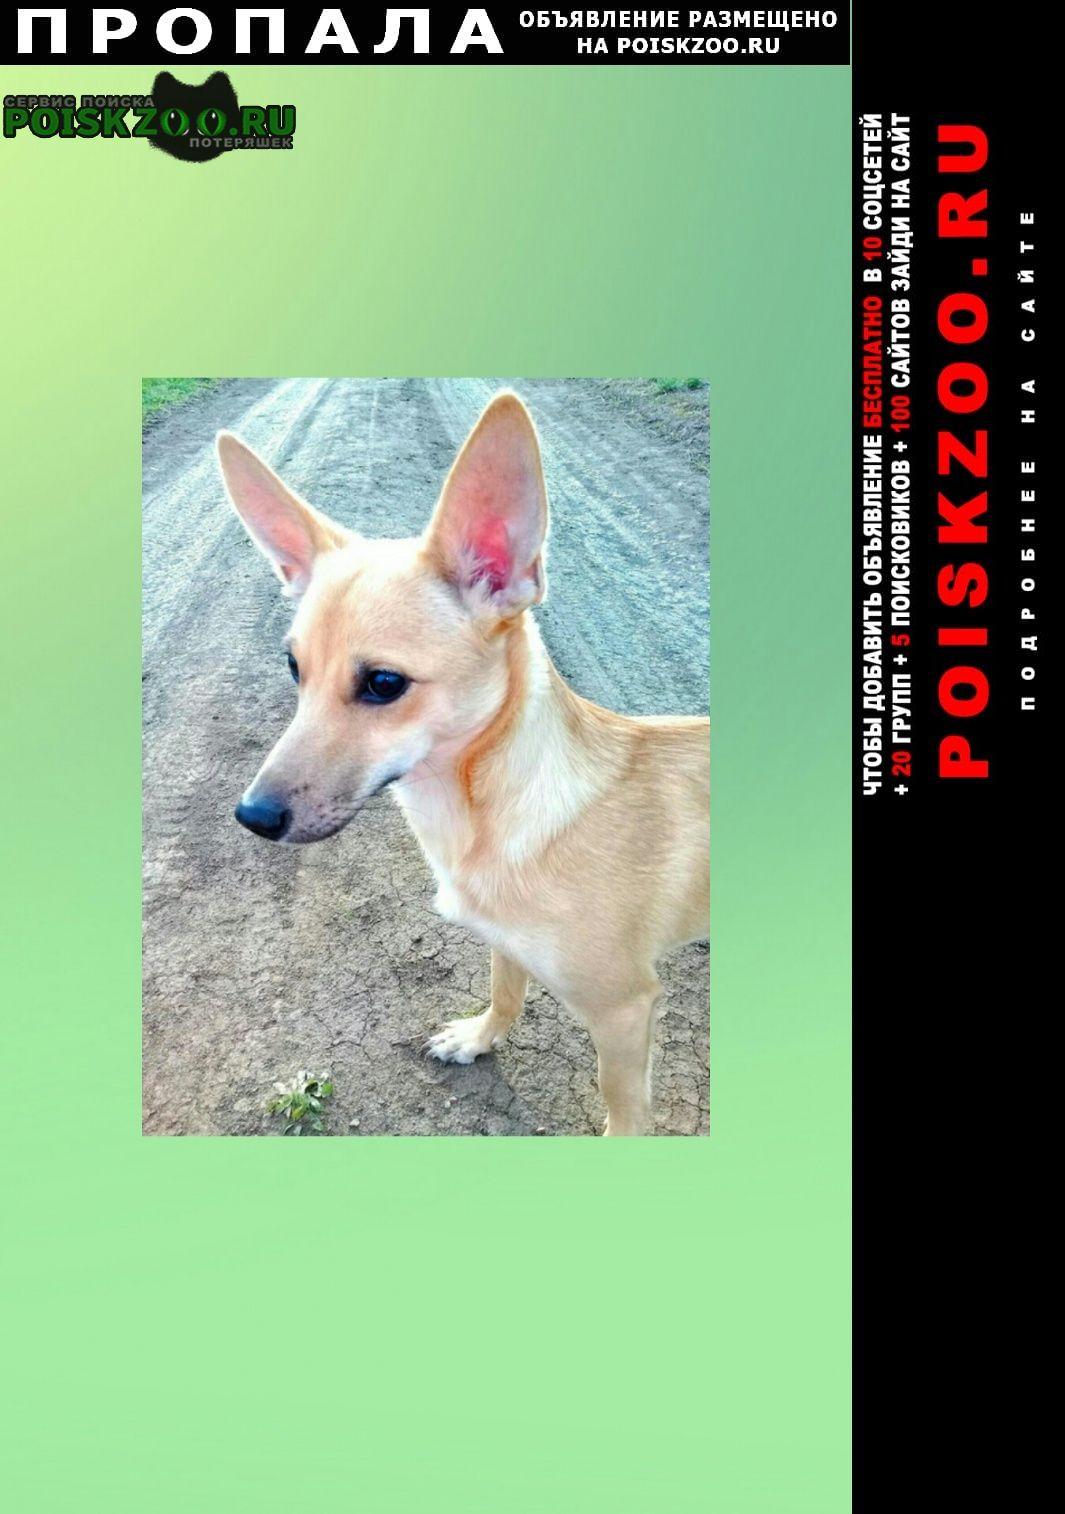 Пропала собака срочно линда Оренбург